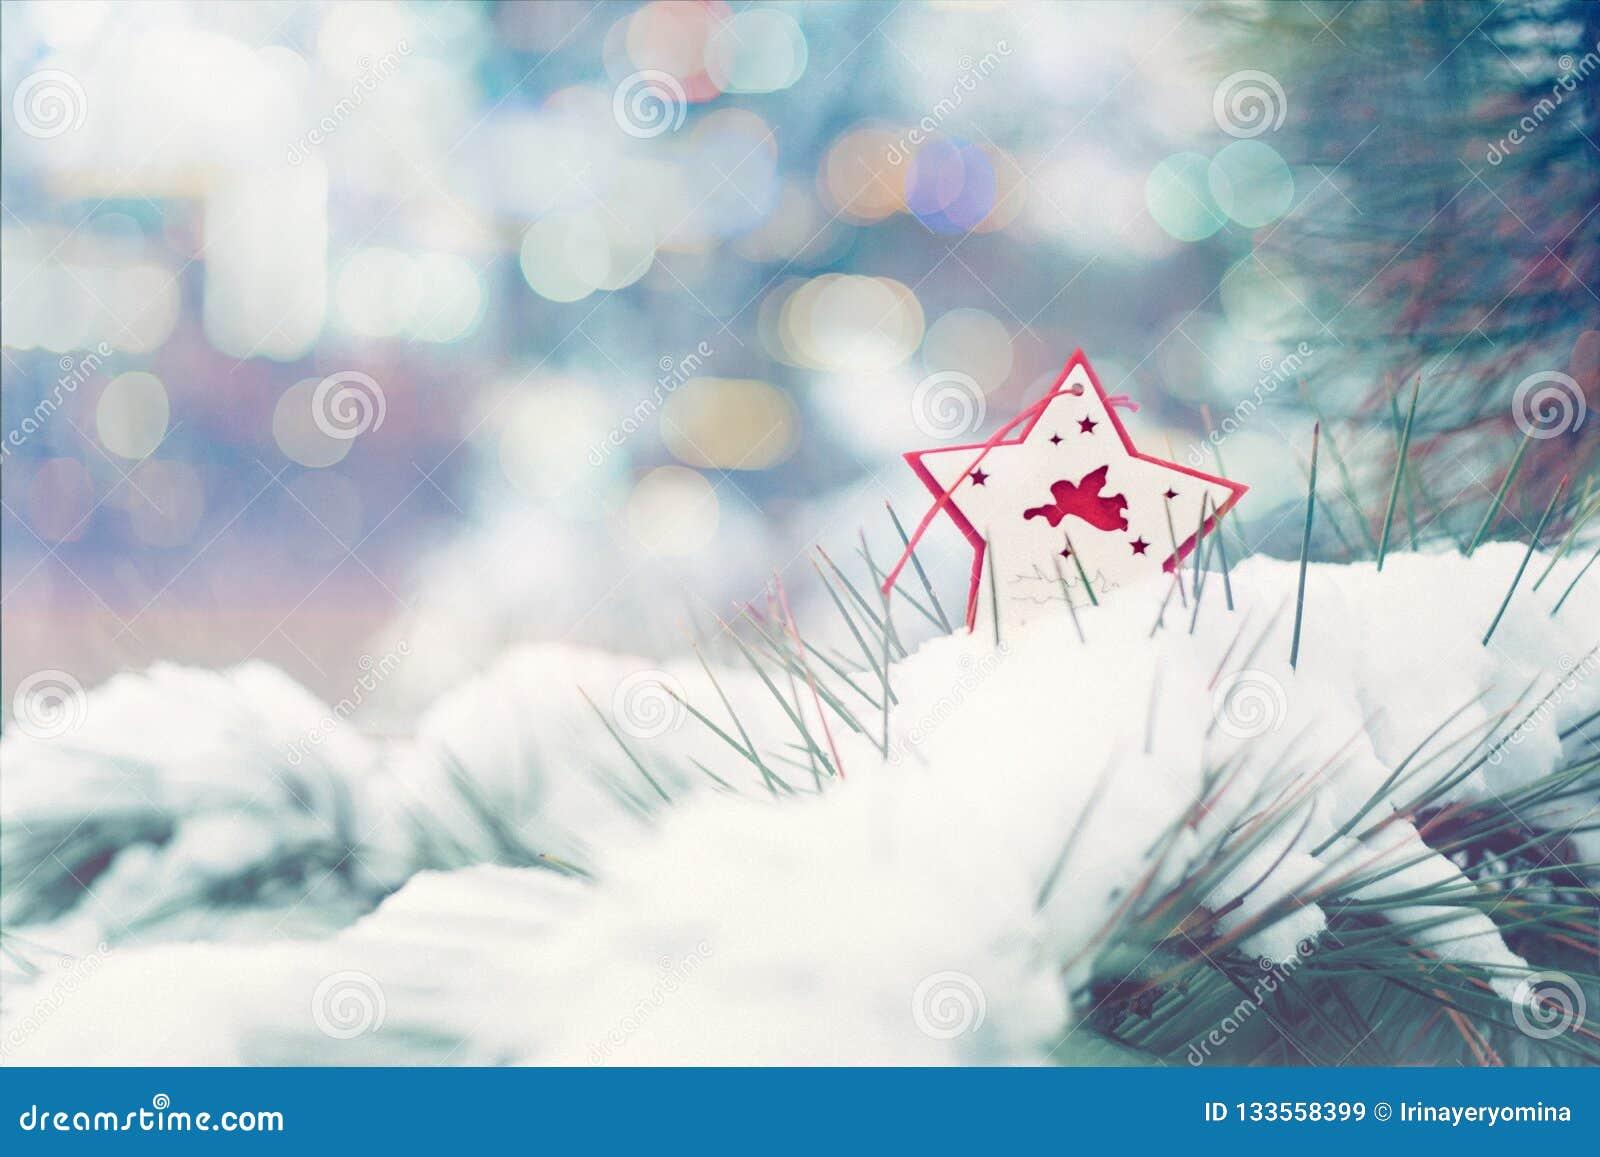 Kort för hälsning för julvinterferie Röd stjärna med Xmas-ängel på gröna julträd med snö